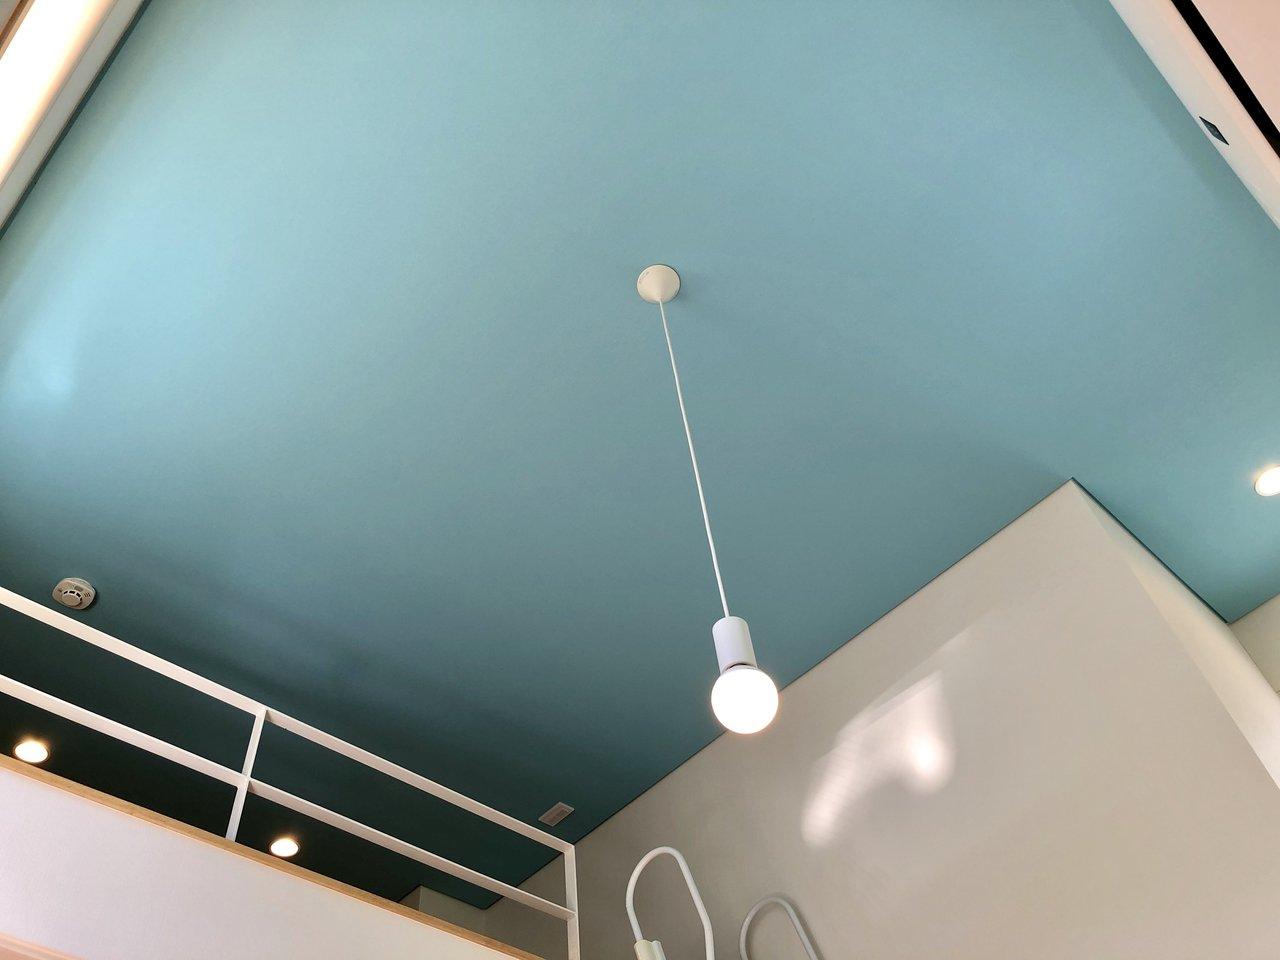 天井からはライトが吊るされています。下から見上げれば、なんだか海にライトが浮かんでいるみたい……